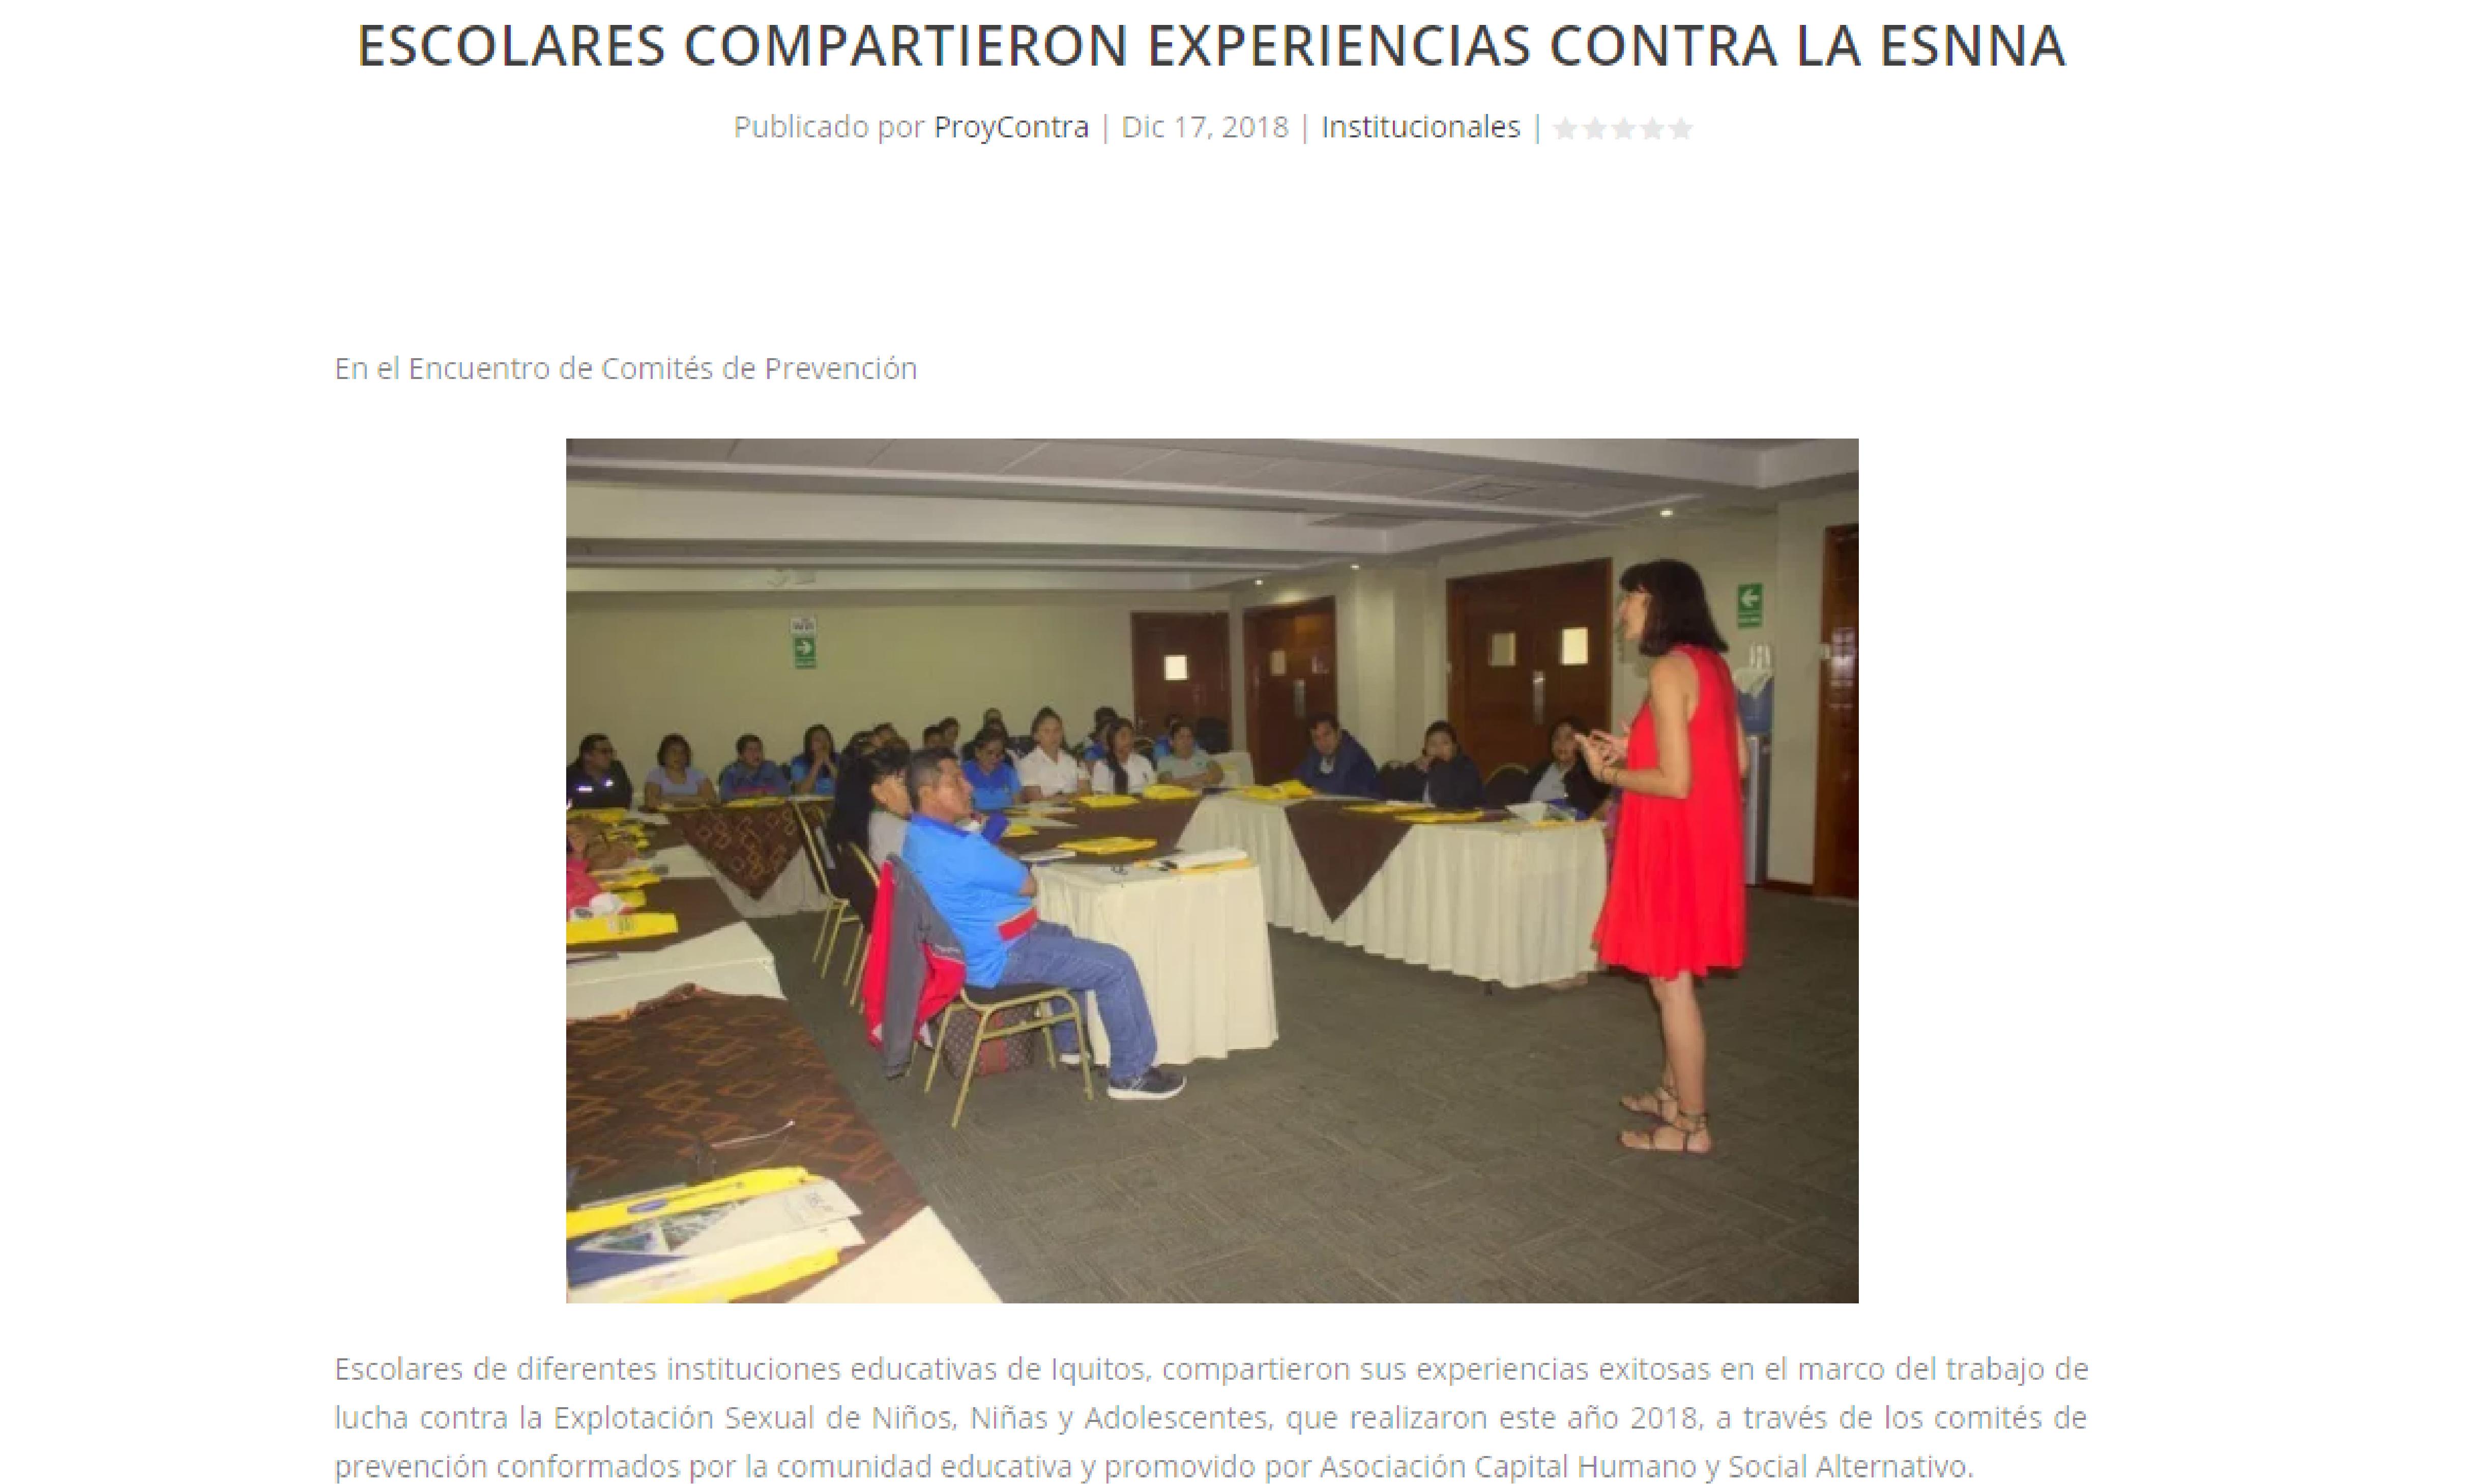 Pro y Contra: Escolares compartieron experiencias contra la ESNNA